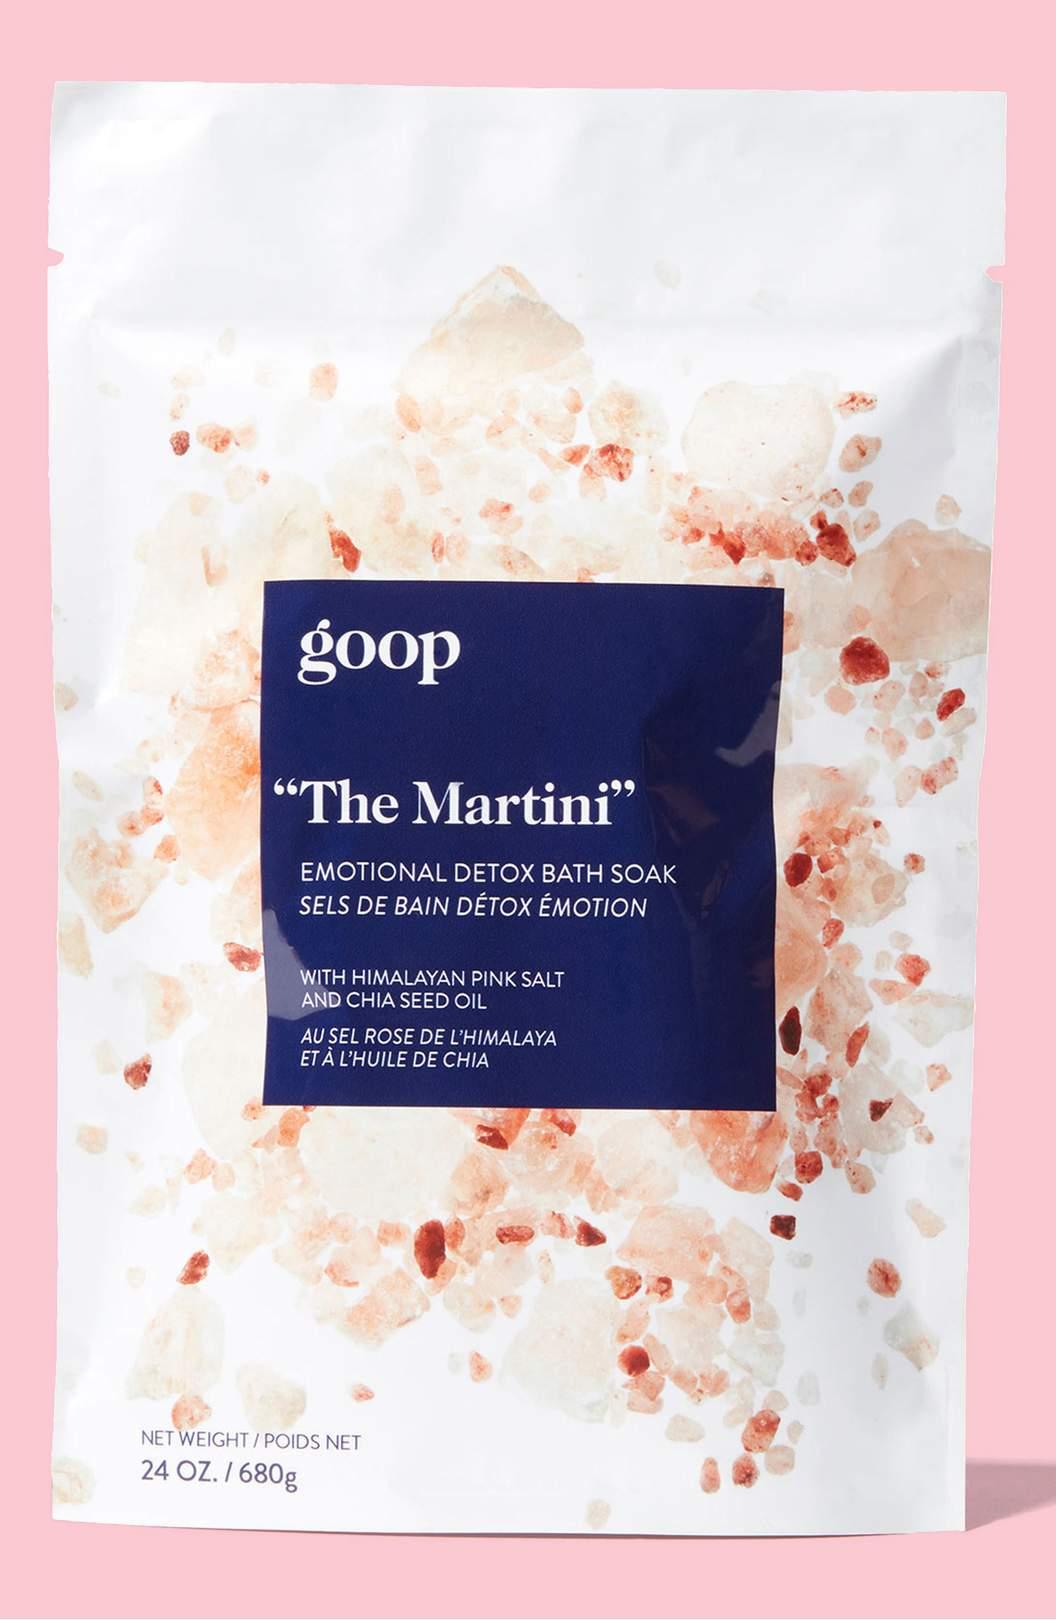 https://shop.nordstrom.com/s/goop-the-martini-emotional-detox-bath-soak/4952134?origin=coordinating-4952134-0-4-PDP_1-recbot-also_viewed2&recs_placement=PDP_1&recs_strategy=also_viewed2&recs_source=recbot&recs_page_type=product